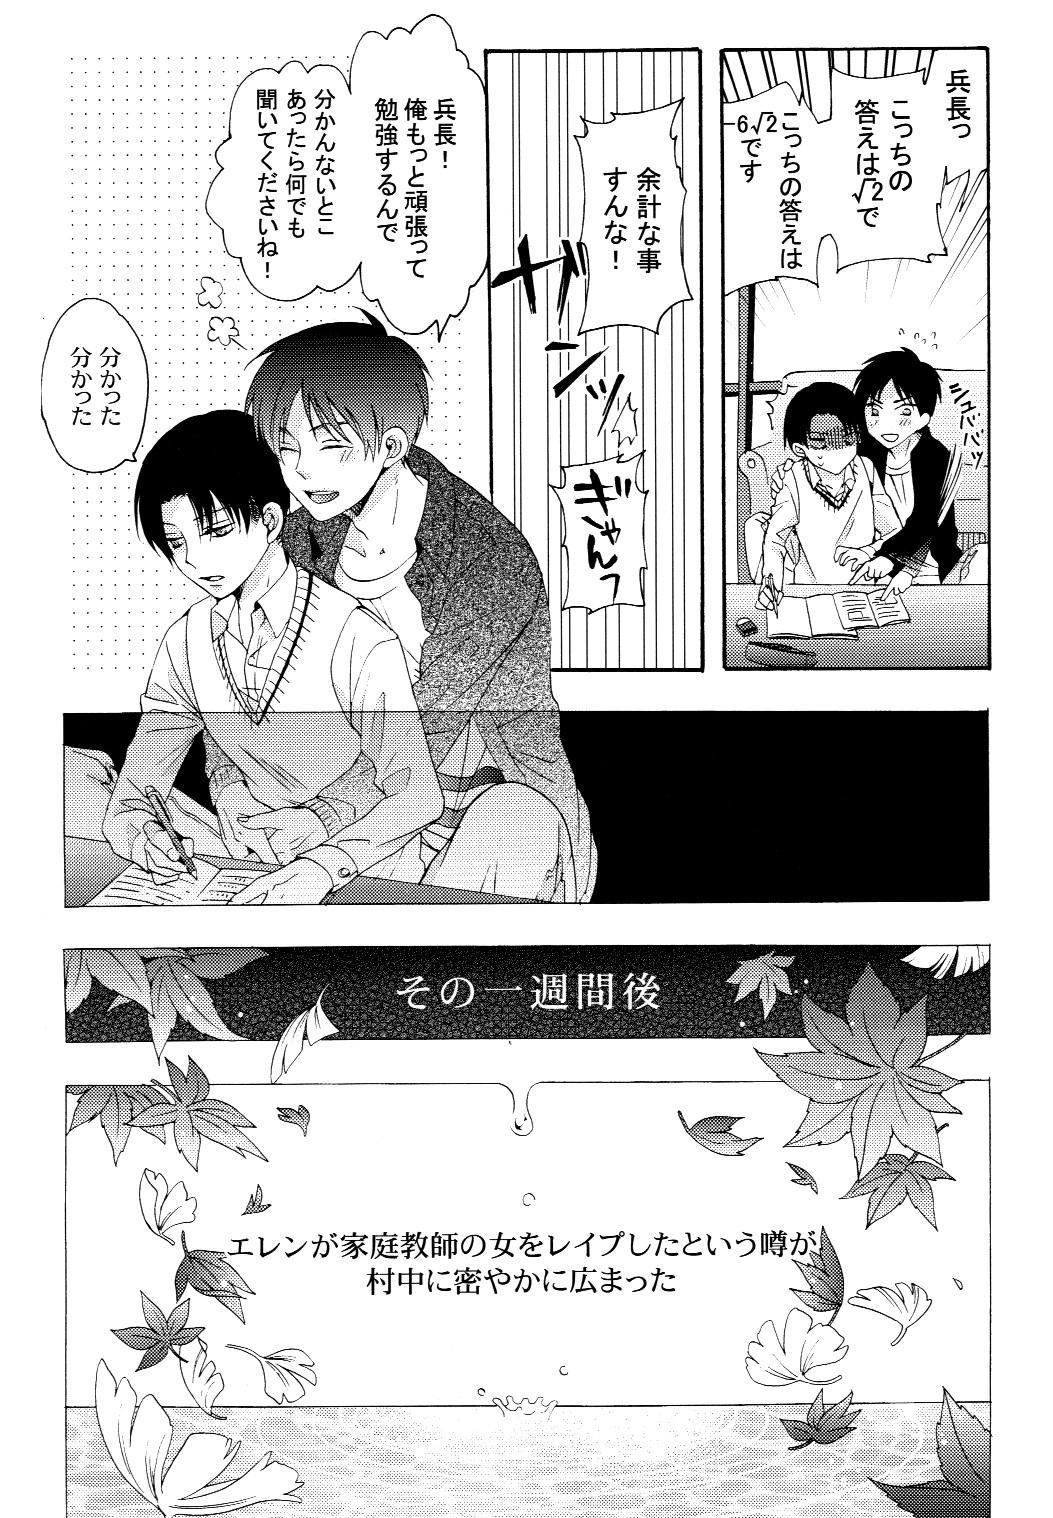 Himawari no Saku Fuyu 28